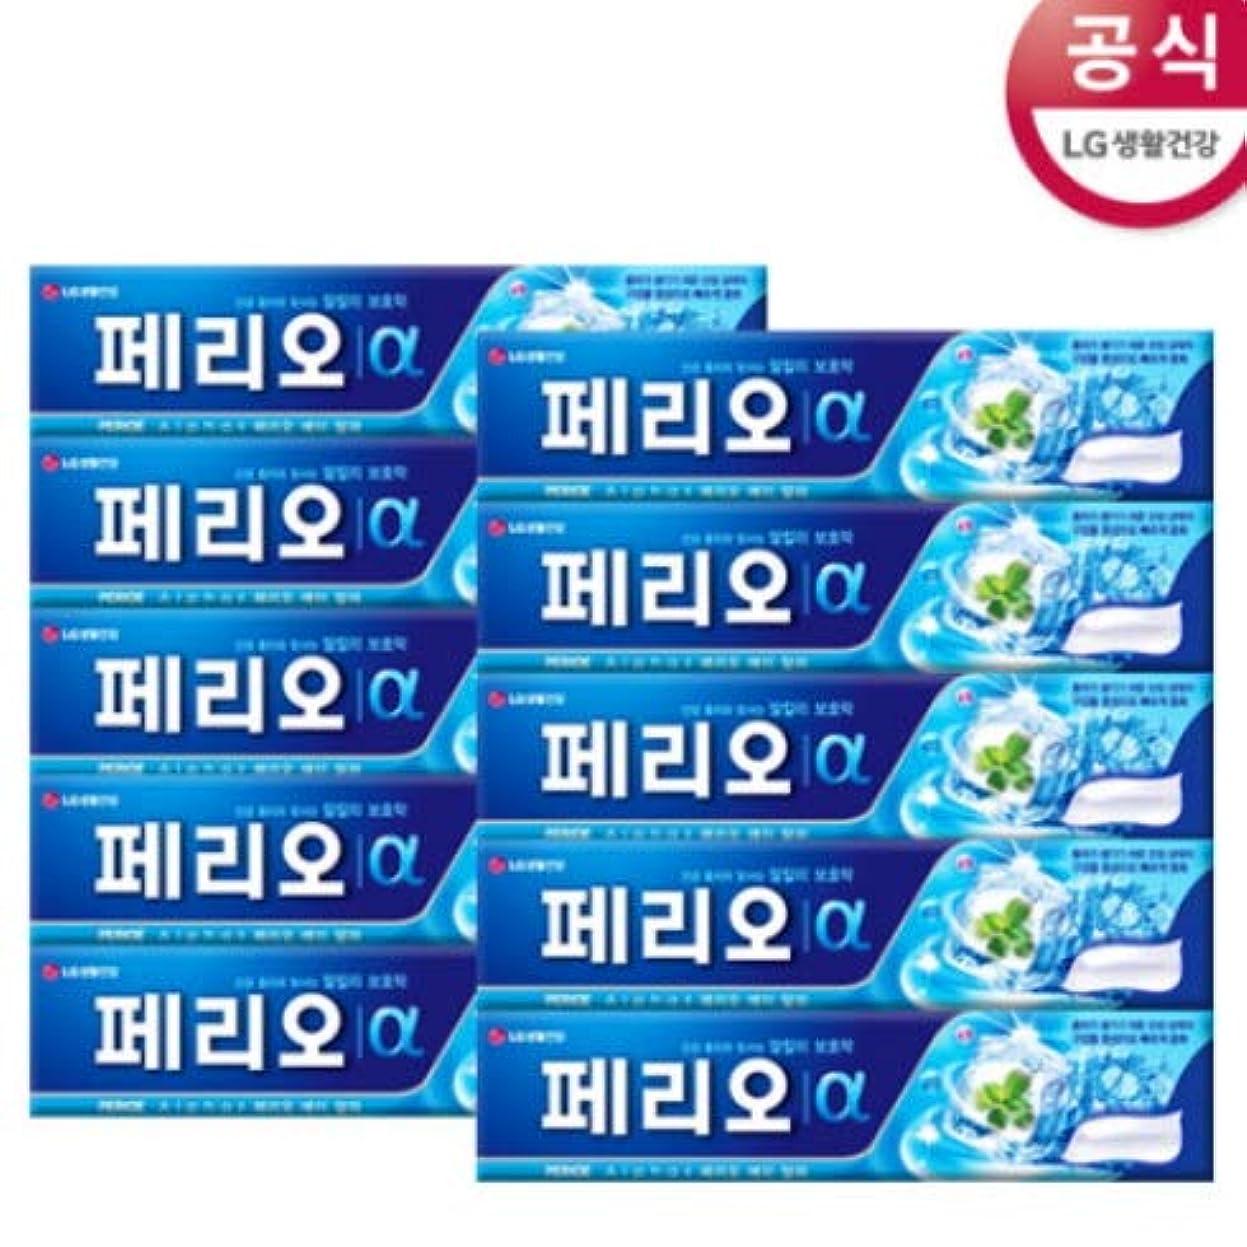 似ている一生王族[LG HnB] Perio Alpha Toothpaste/ペリオアルファ歯磨き粉 170gx10個(海外直送品)